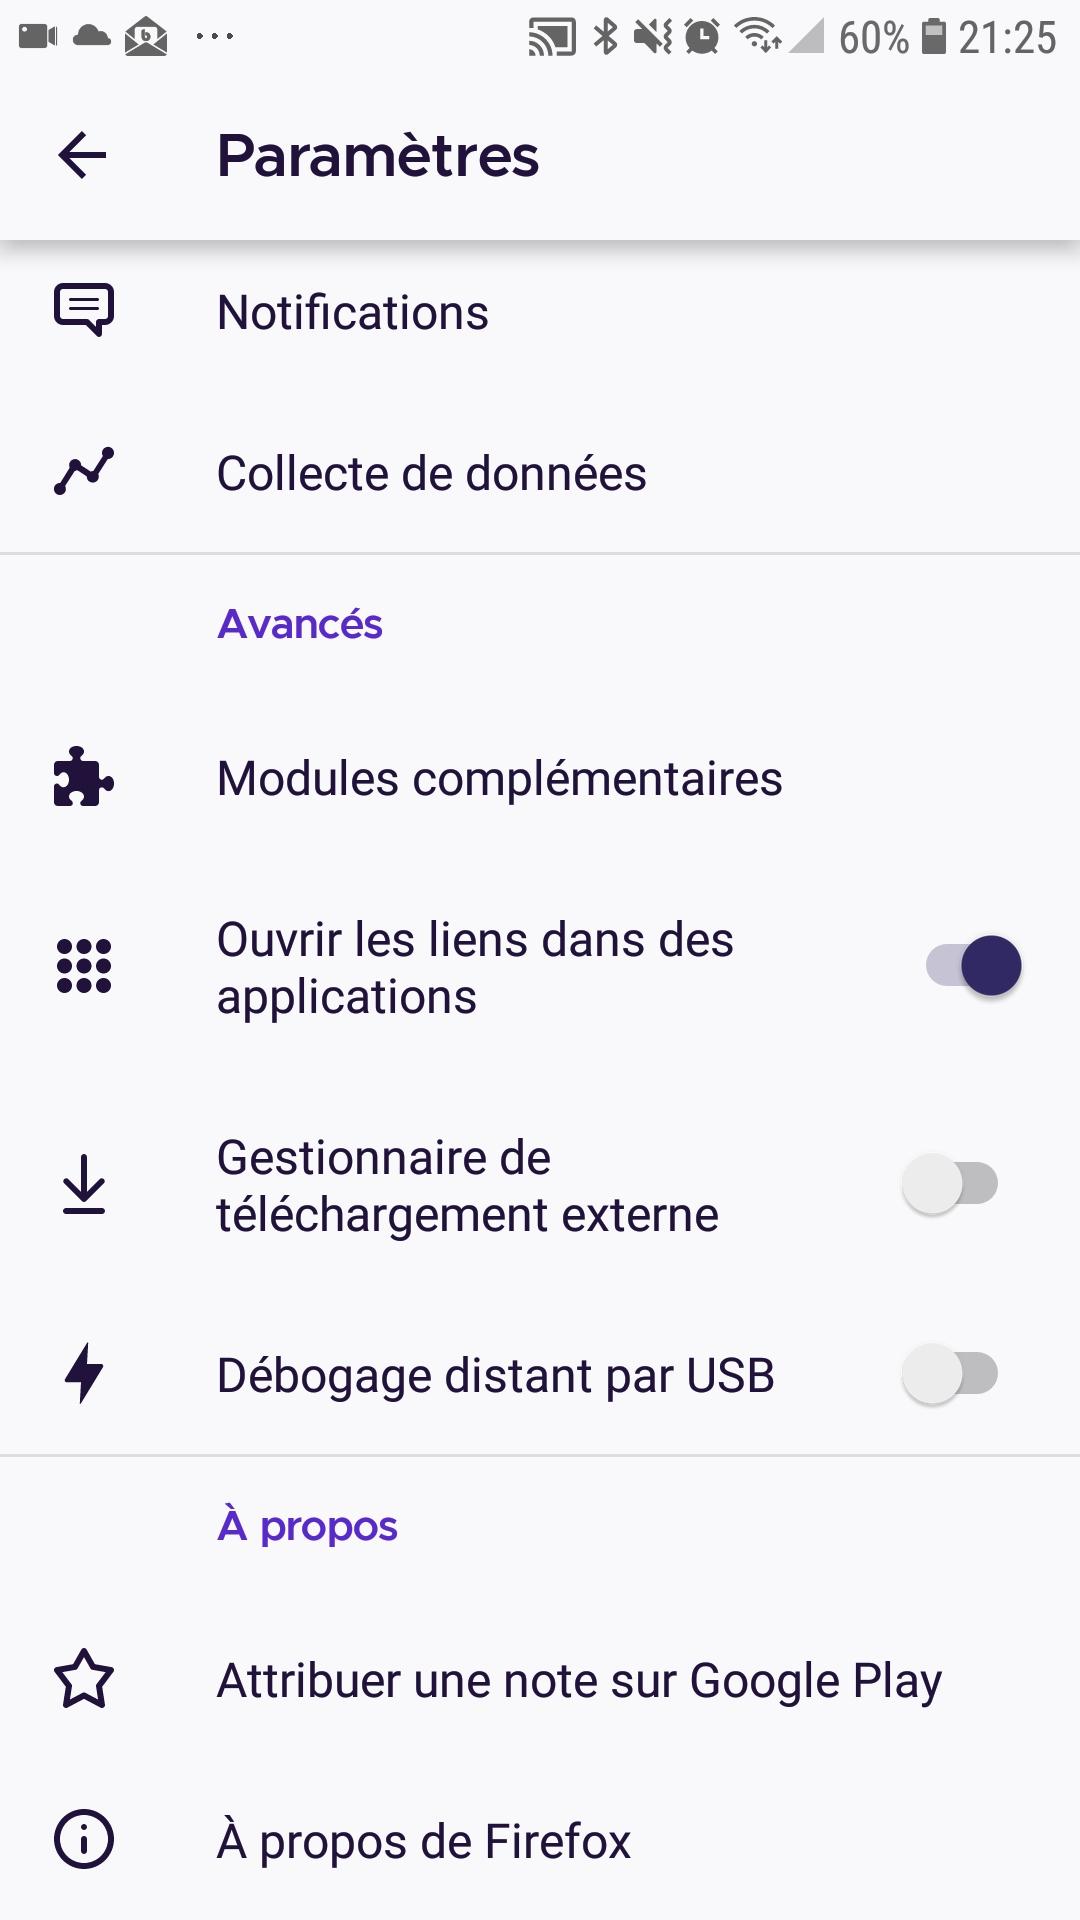 """Paramètres """"Les liens s'ouvrent dans des applications natives"""" dans Firefox pour Android"""